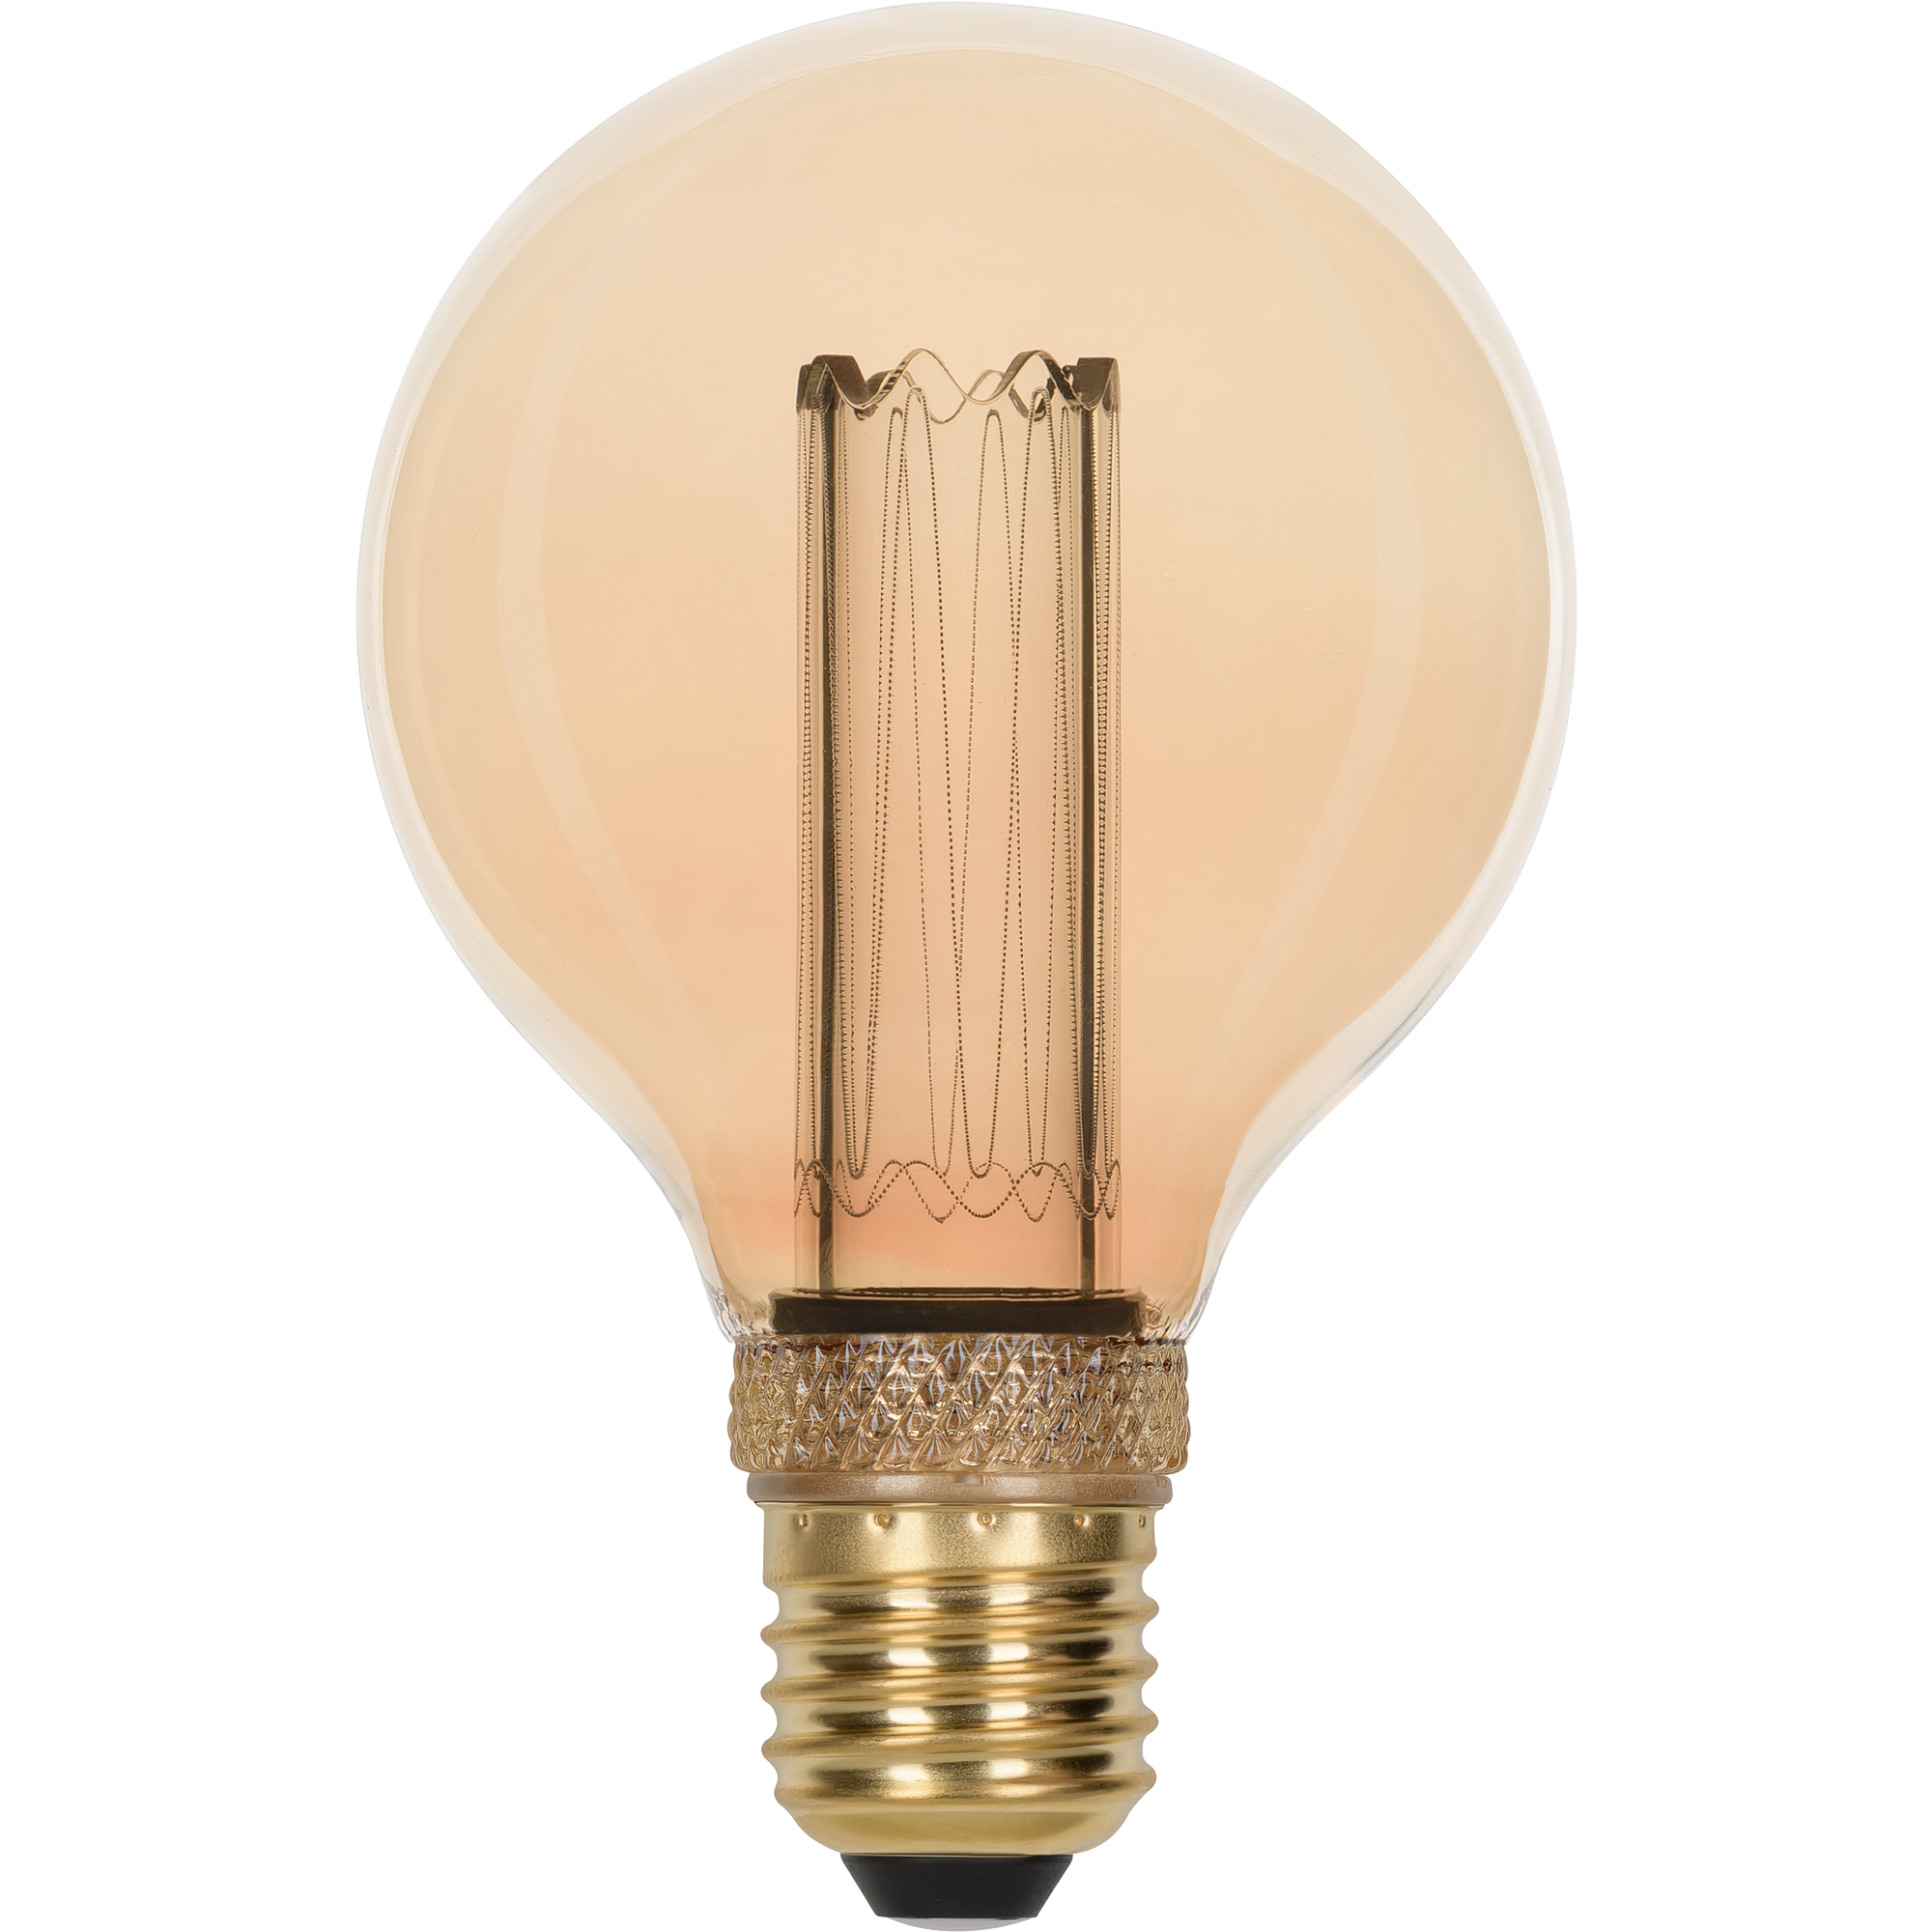 Лампа светодиодная филаментная Gauss Vintage G95 E27 230 В 4 Вт шар 220 лм свет янтарный